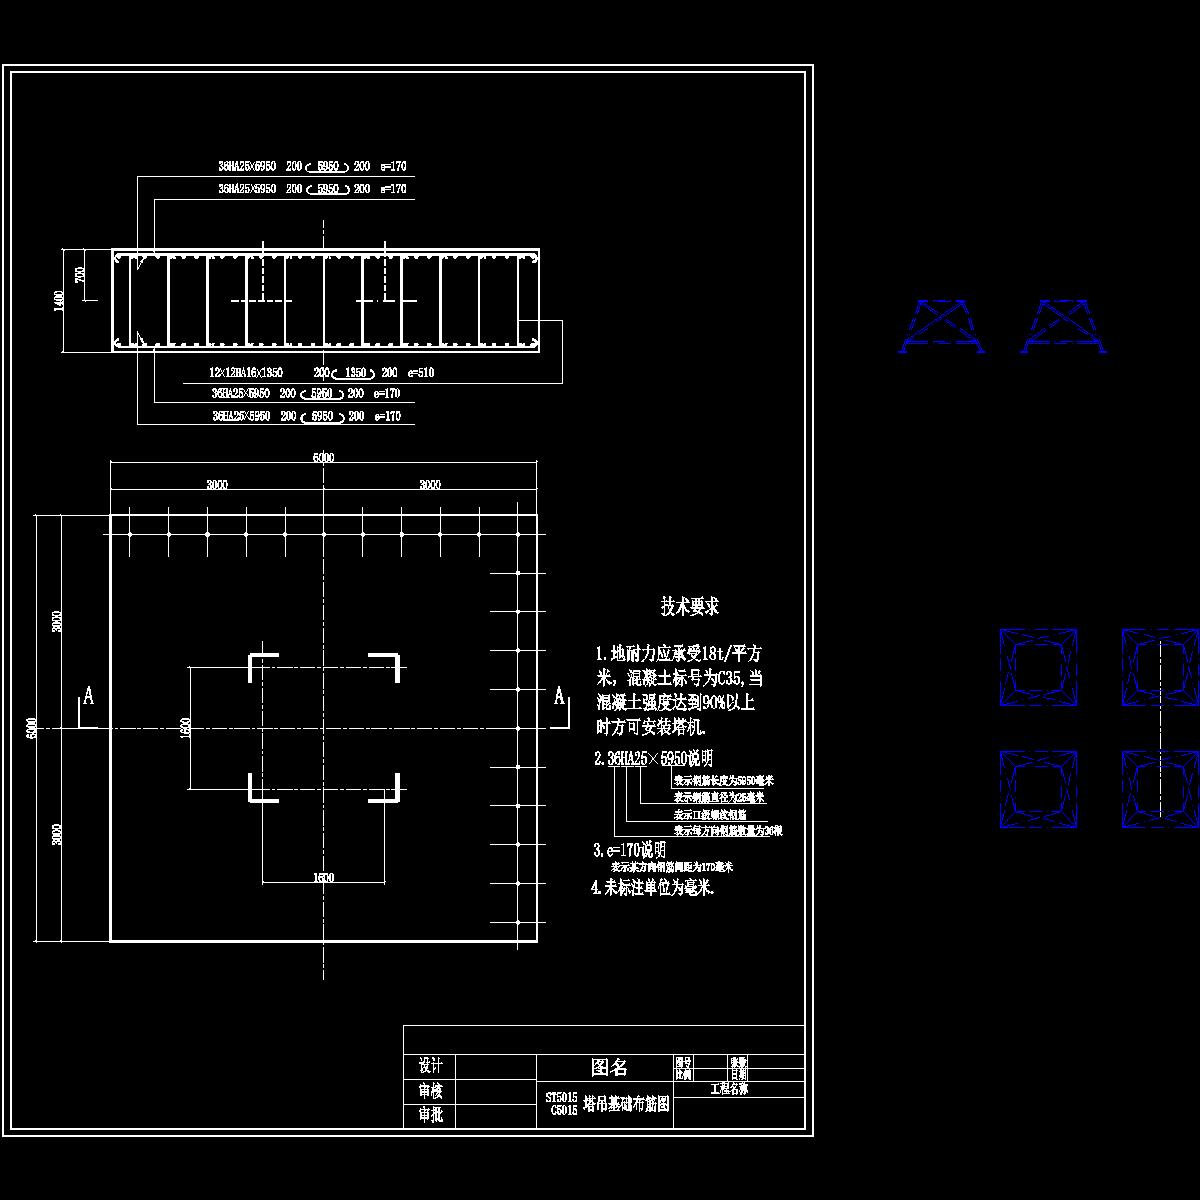 5015塔吊基础混凝土块布筋图2000.dwg